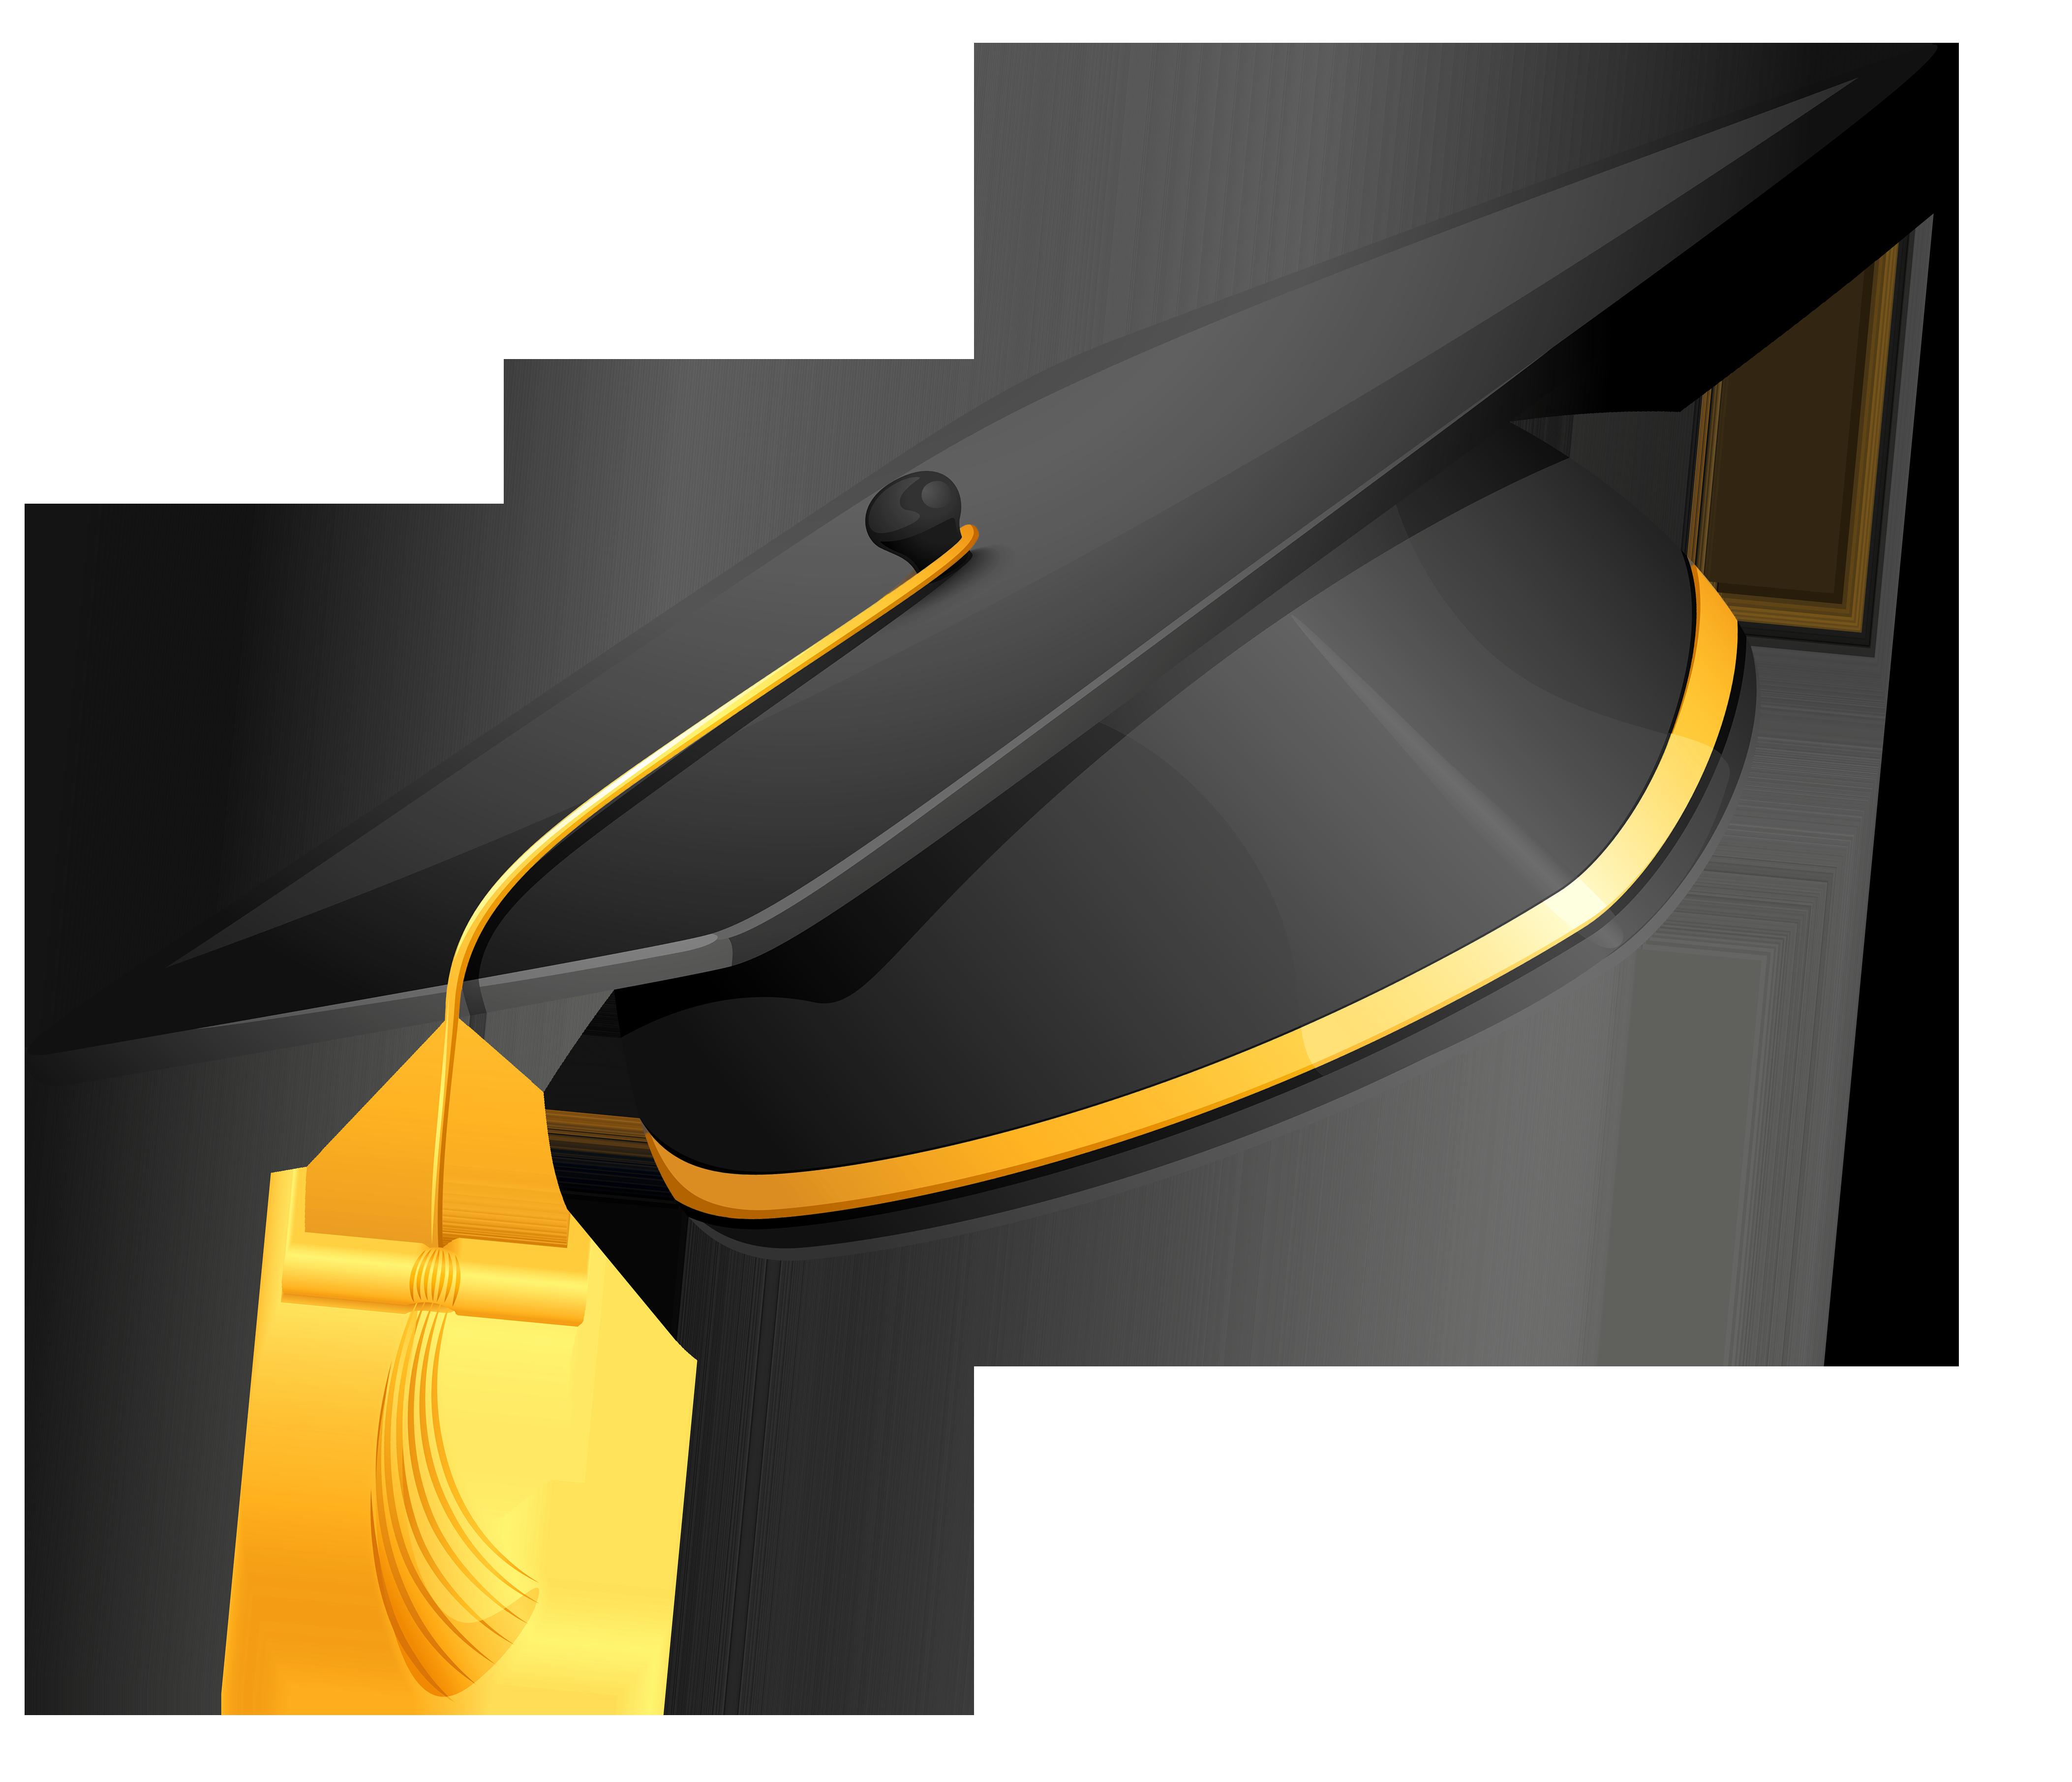 Images Graduation Graduation Hat Flying Graduation Caps Clip Art Graduation Graduation Cap Clipart Clip Art Pictures Clip Art